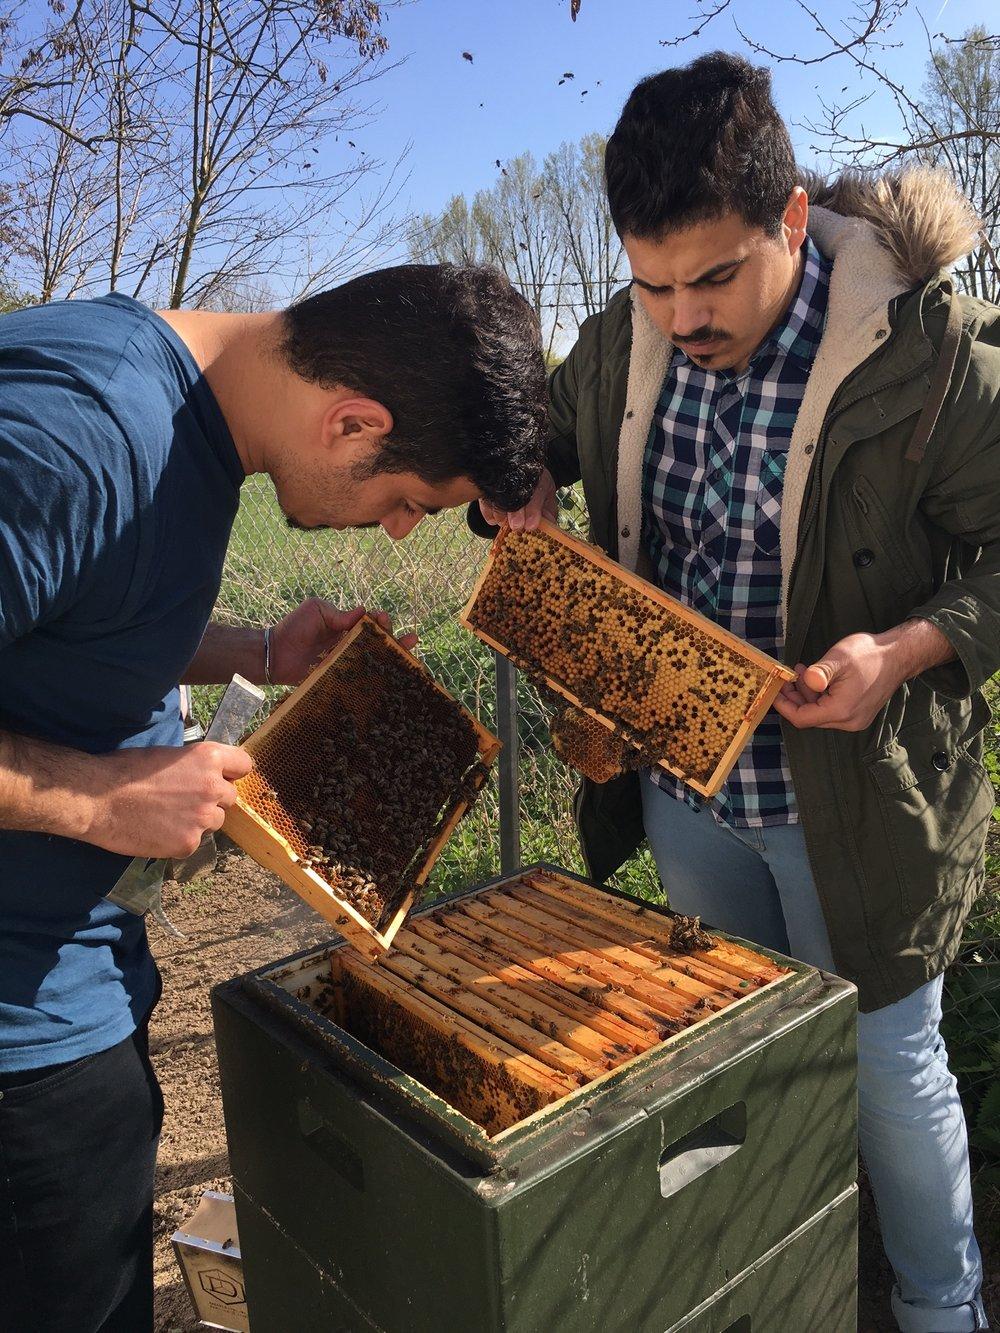 Geflüchtete werden selbst als ehrenamtliche Bienenlehrer ausgebildet...